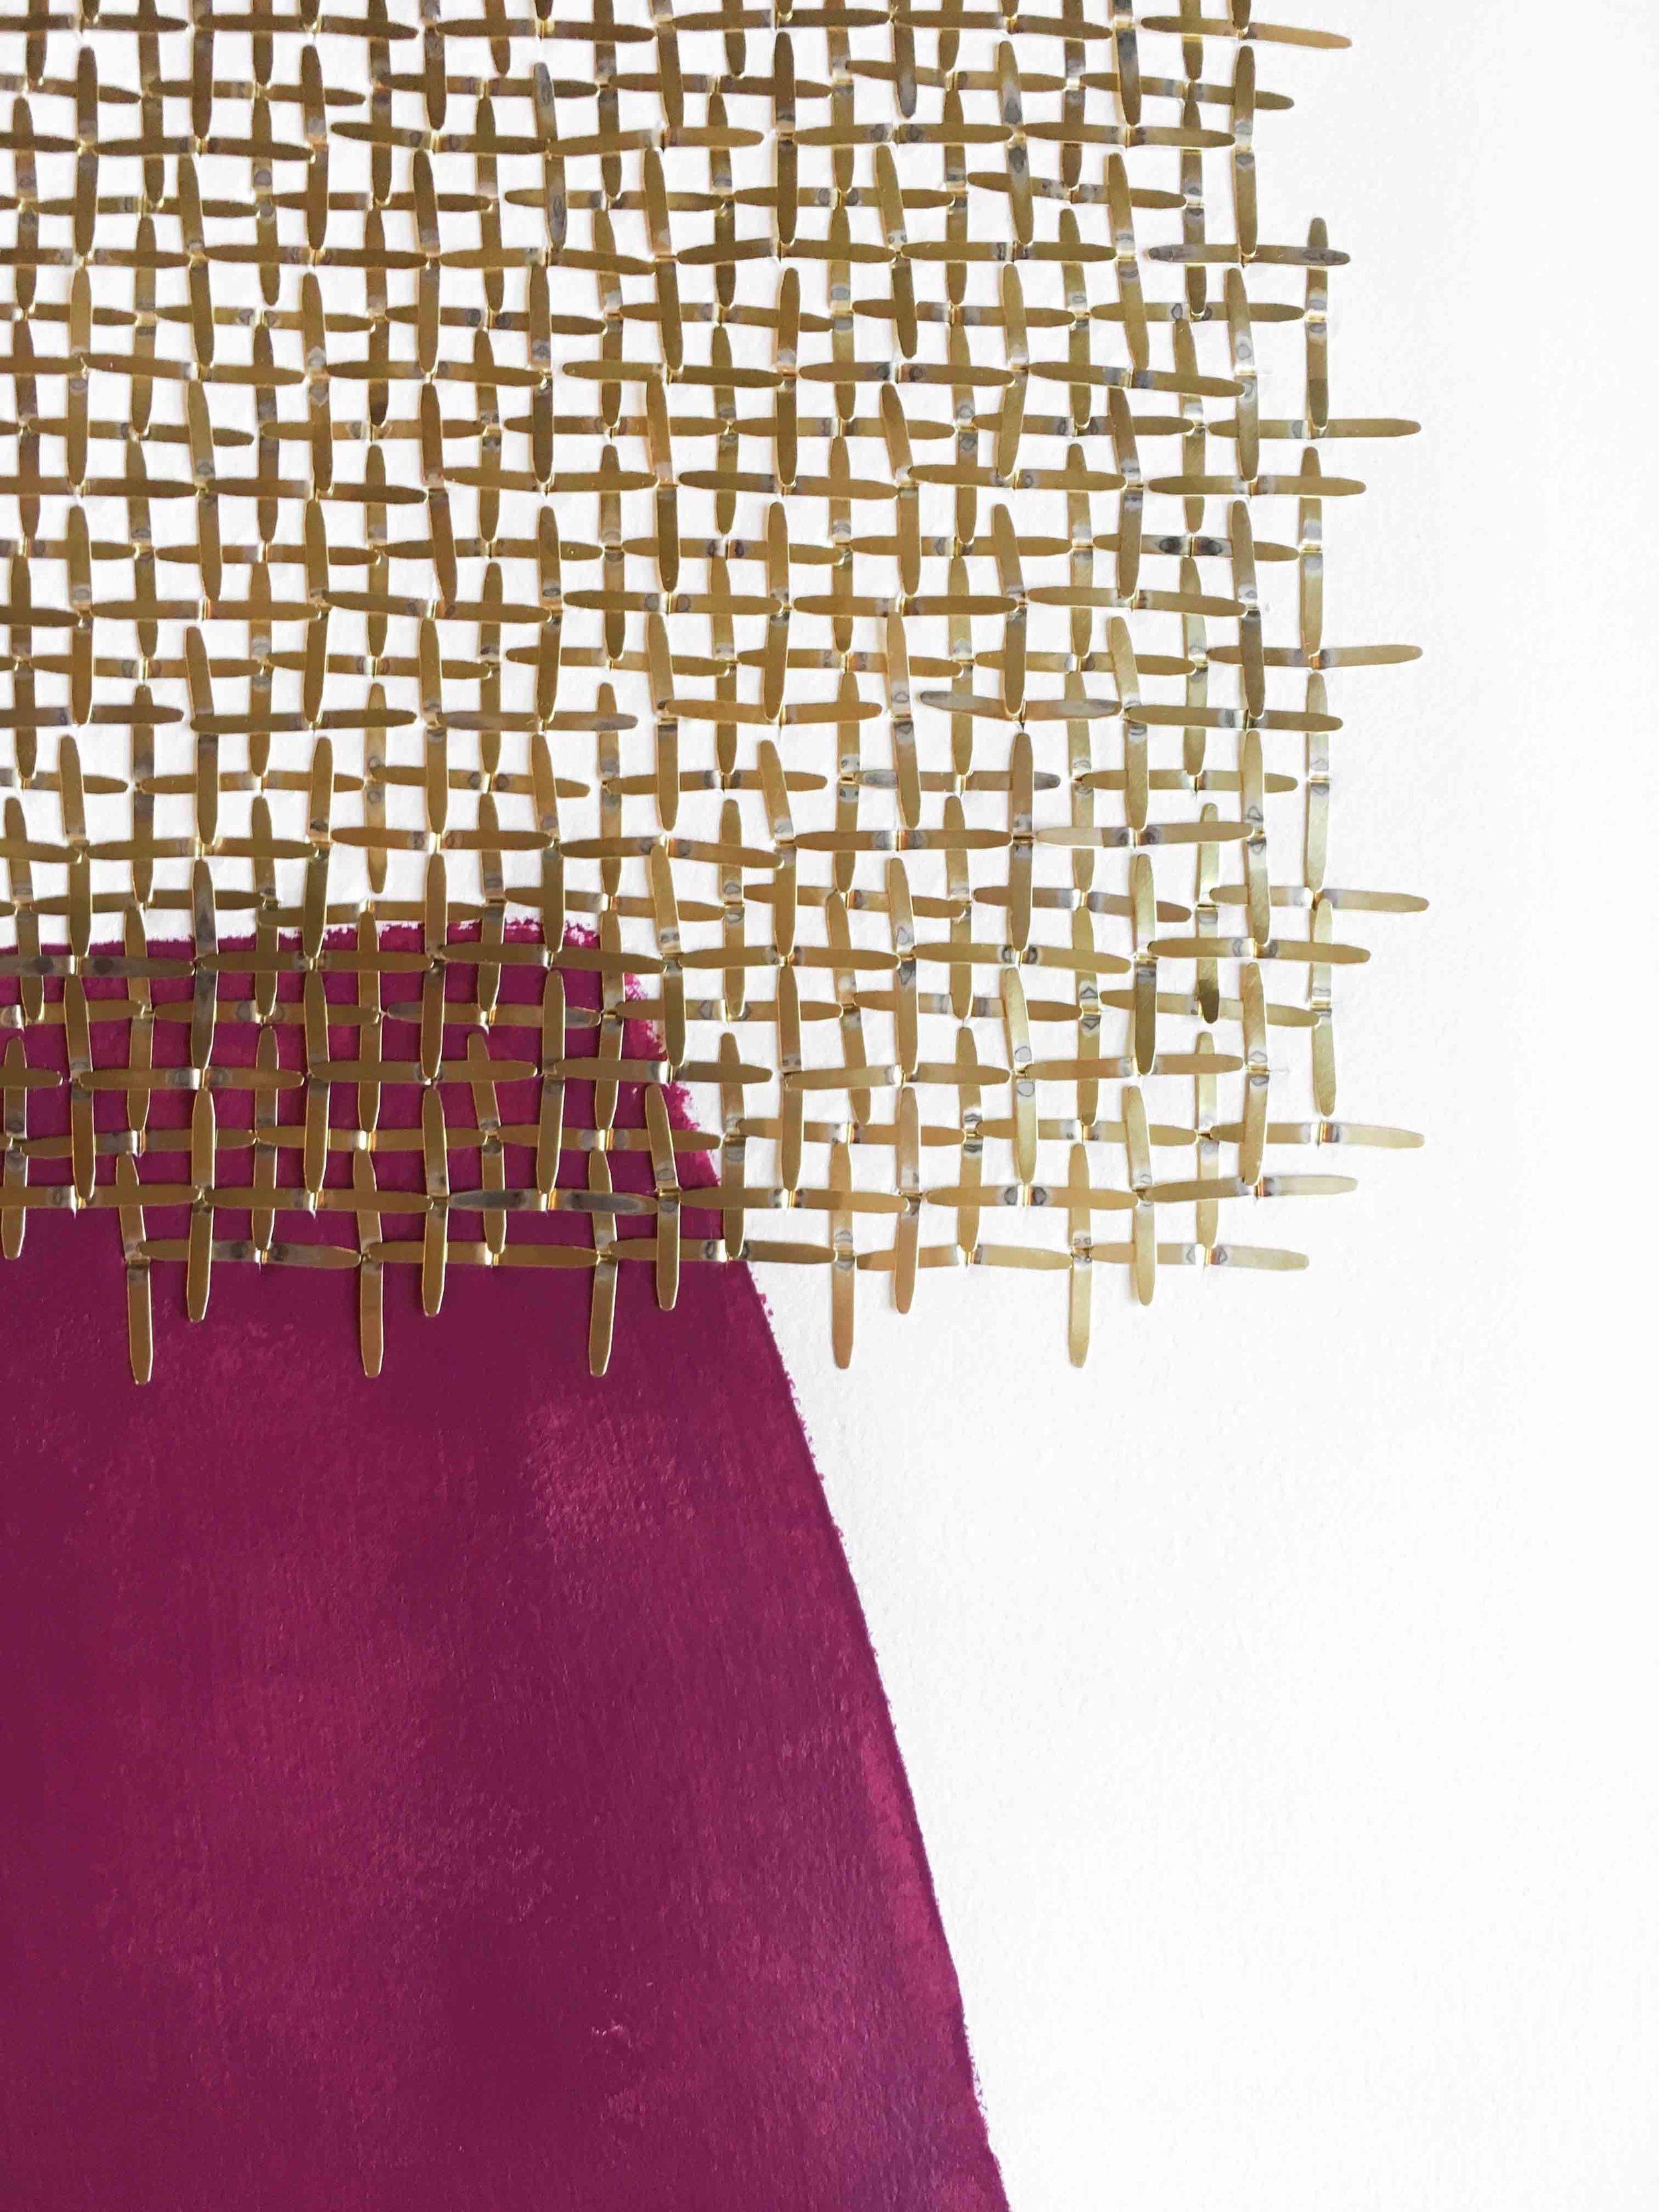 margaux-pecorari-amelie-maison-d-art-empathie-2-close-up.jpg